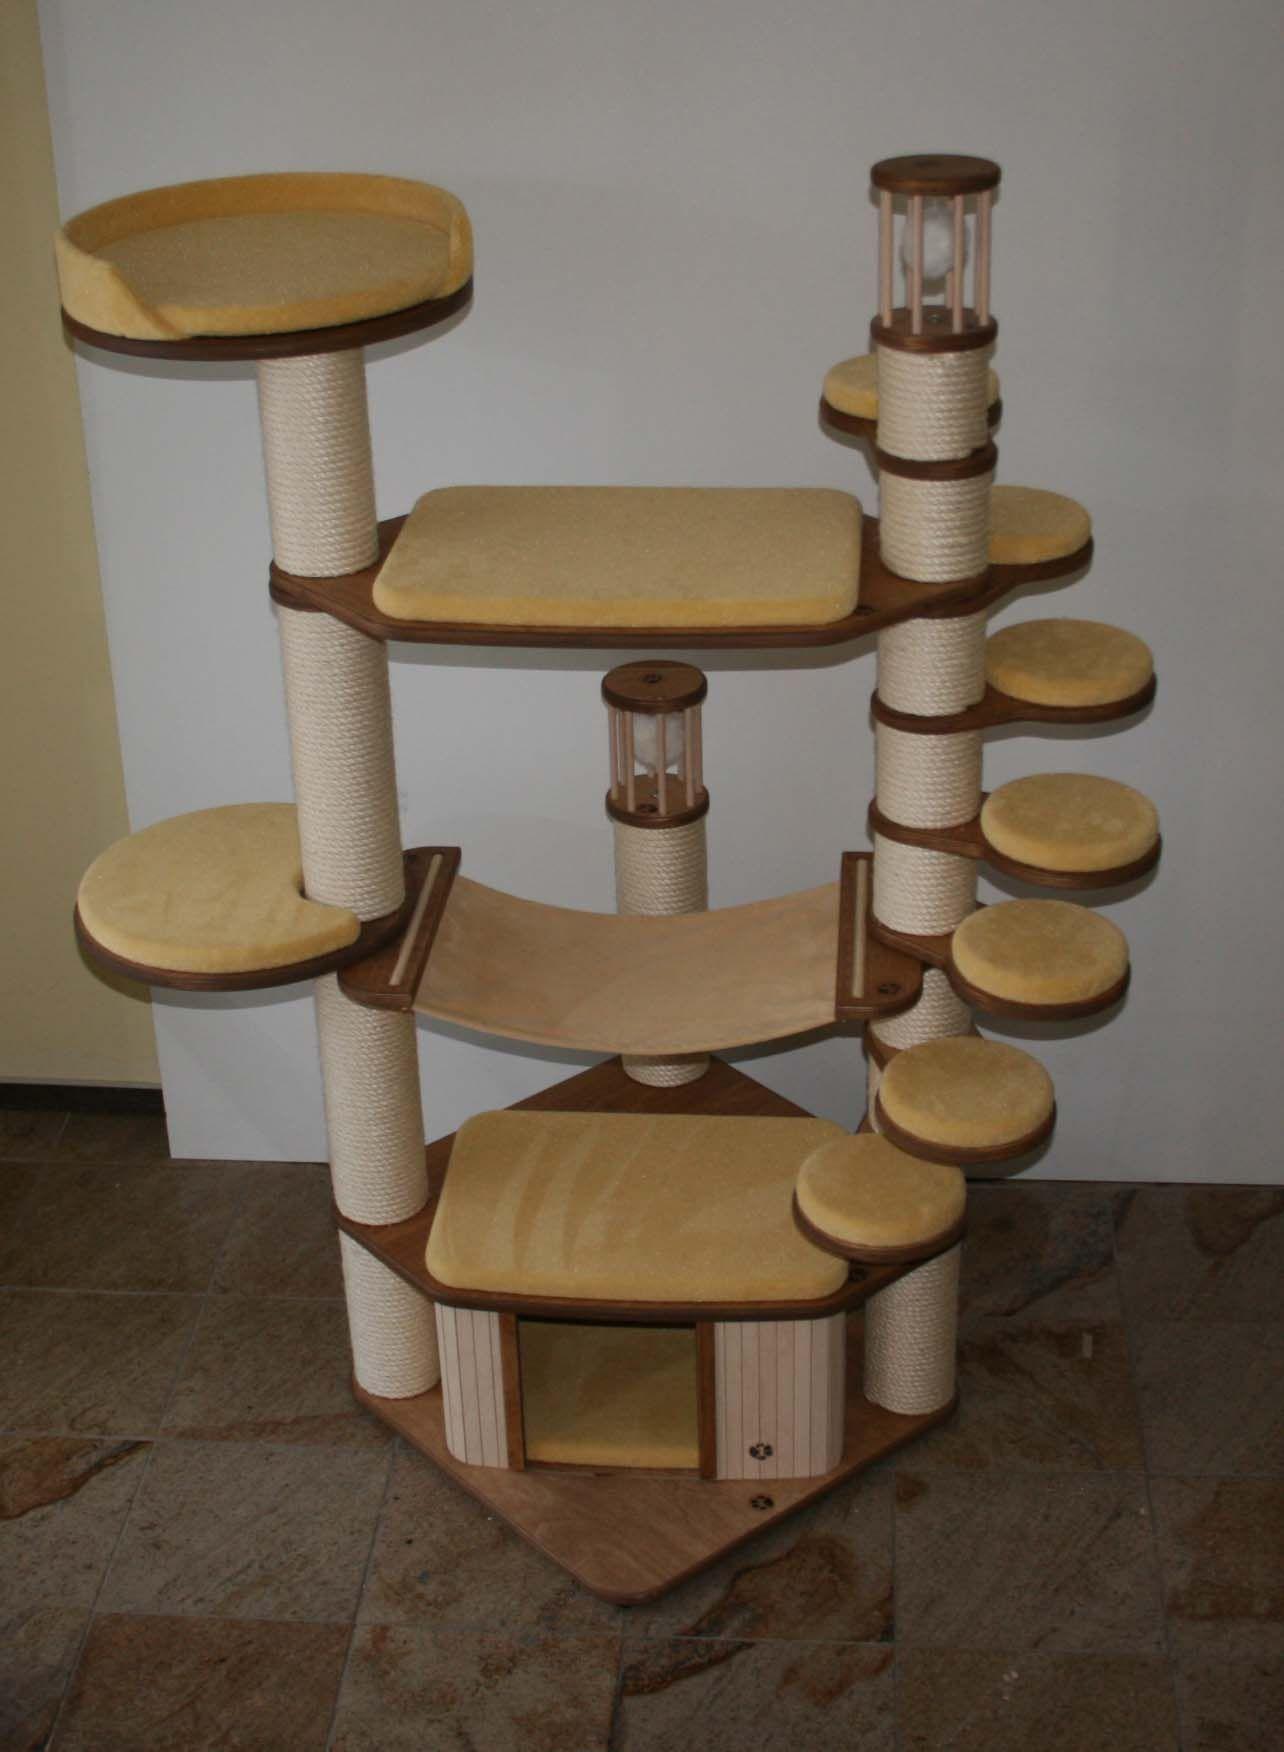 luxusobjekt kratzbaum die f nf teuersten kratzb ume. Black Bedroom Furniture Sets. Home Design Ideas